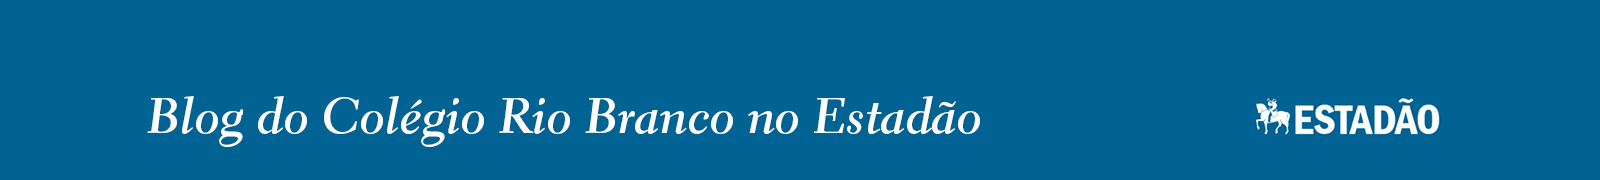 Blog do Colégio Rio Branco no Estadão